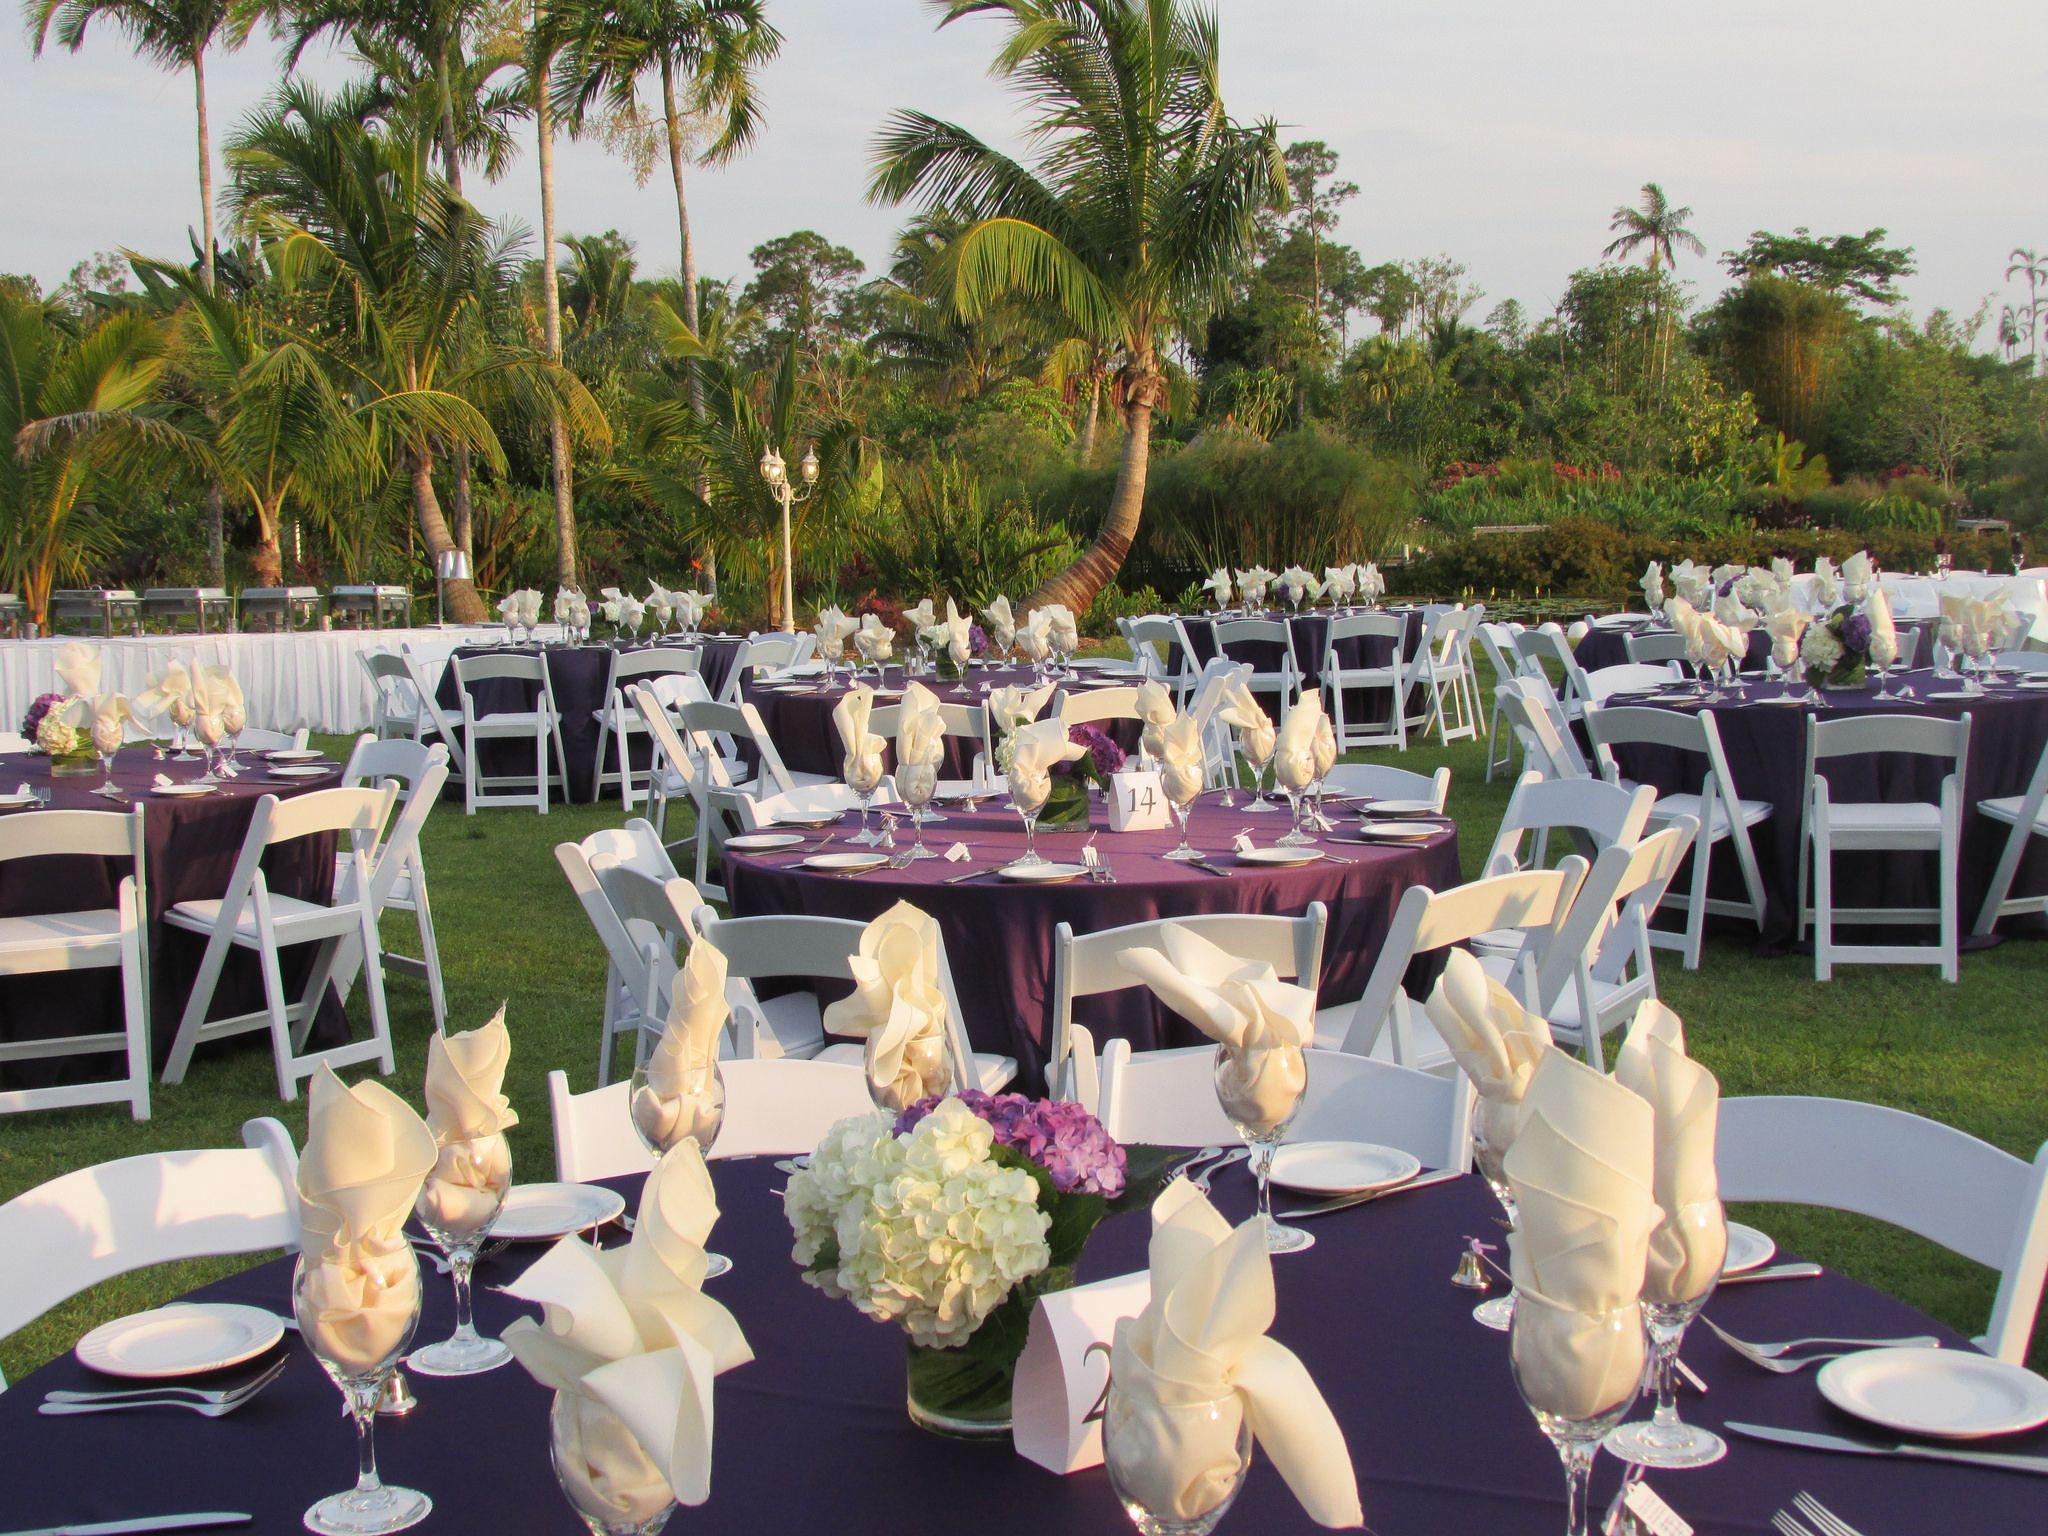 Naples Botanical Garden Wedding Reception | Naples Botanical Garden ...